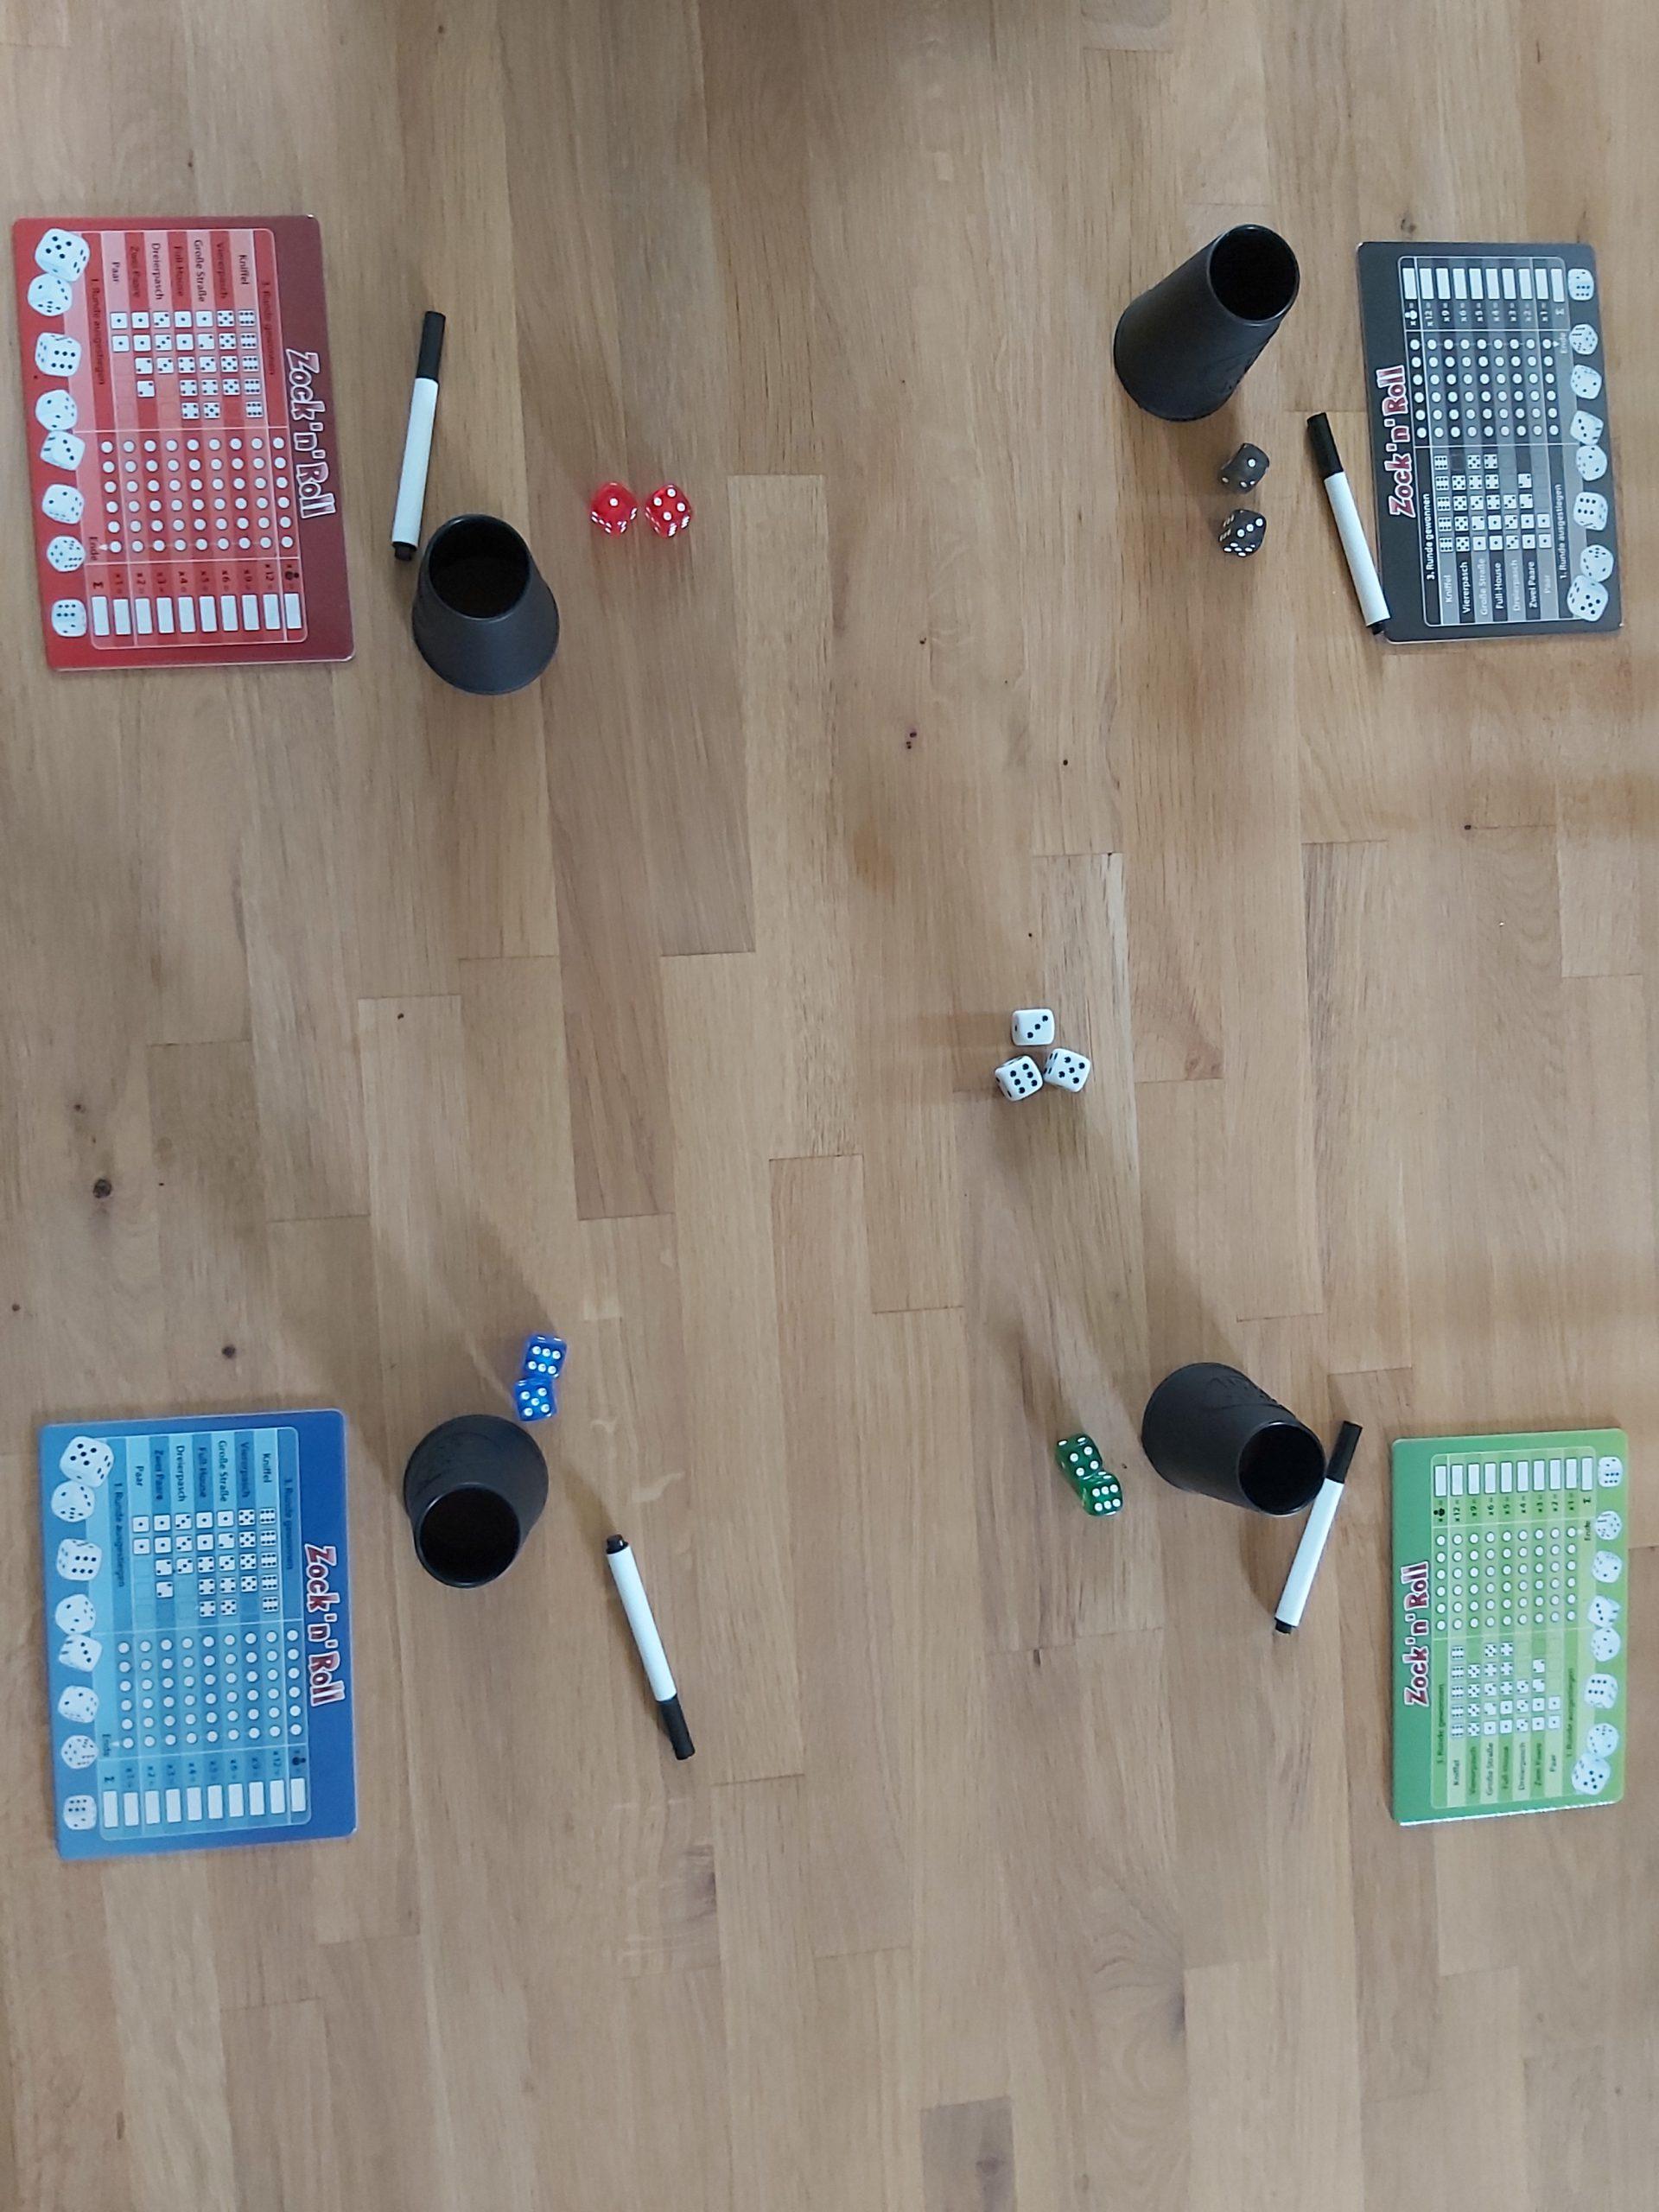 Zu sehen ist der Spielaufbau von Zock'n Roll für 4 Spielende.